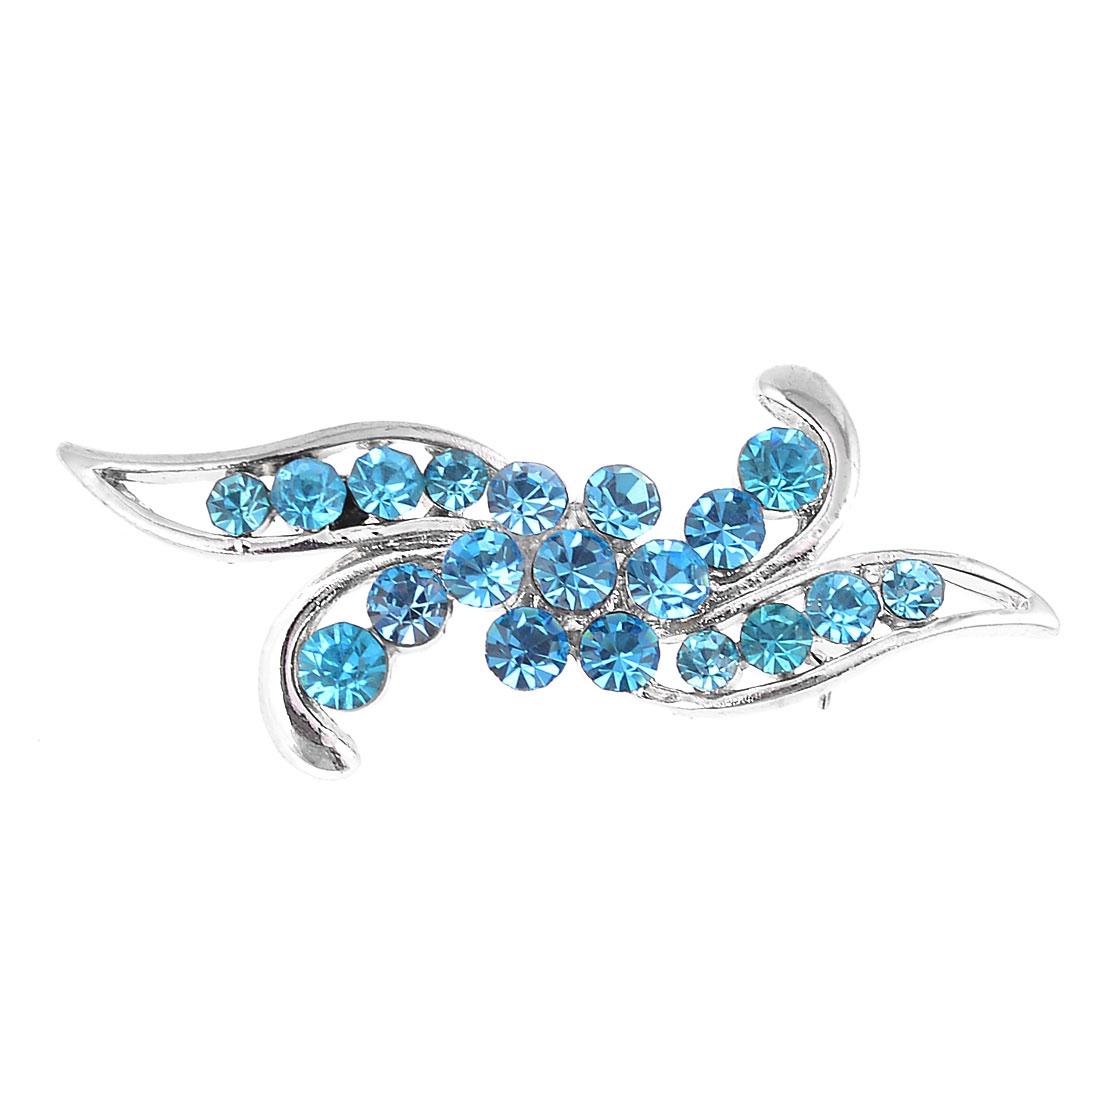 5cm Width Blue Rhinestone Inlaid Floral Style Silver Tone Breastpin Broach